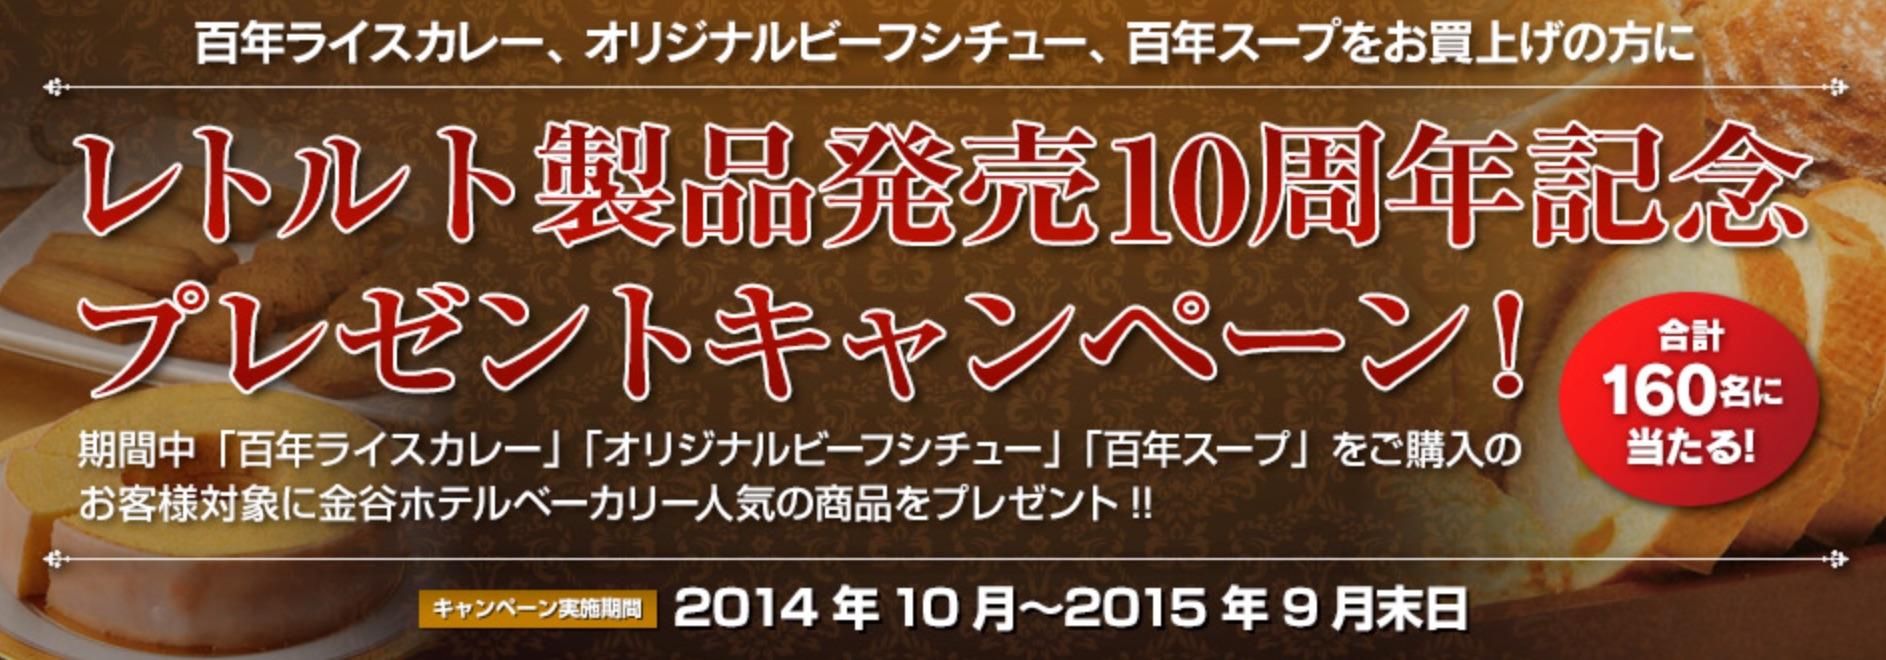 金谷ホテルベーカリー|レトルト製品発売10周年記念プレゼントキャンペーン